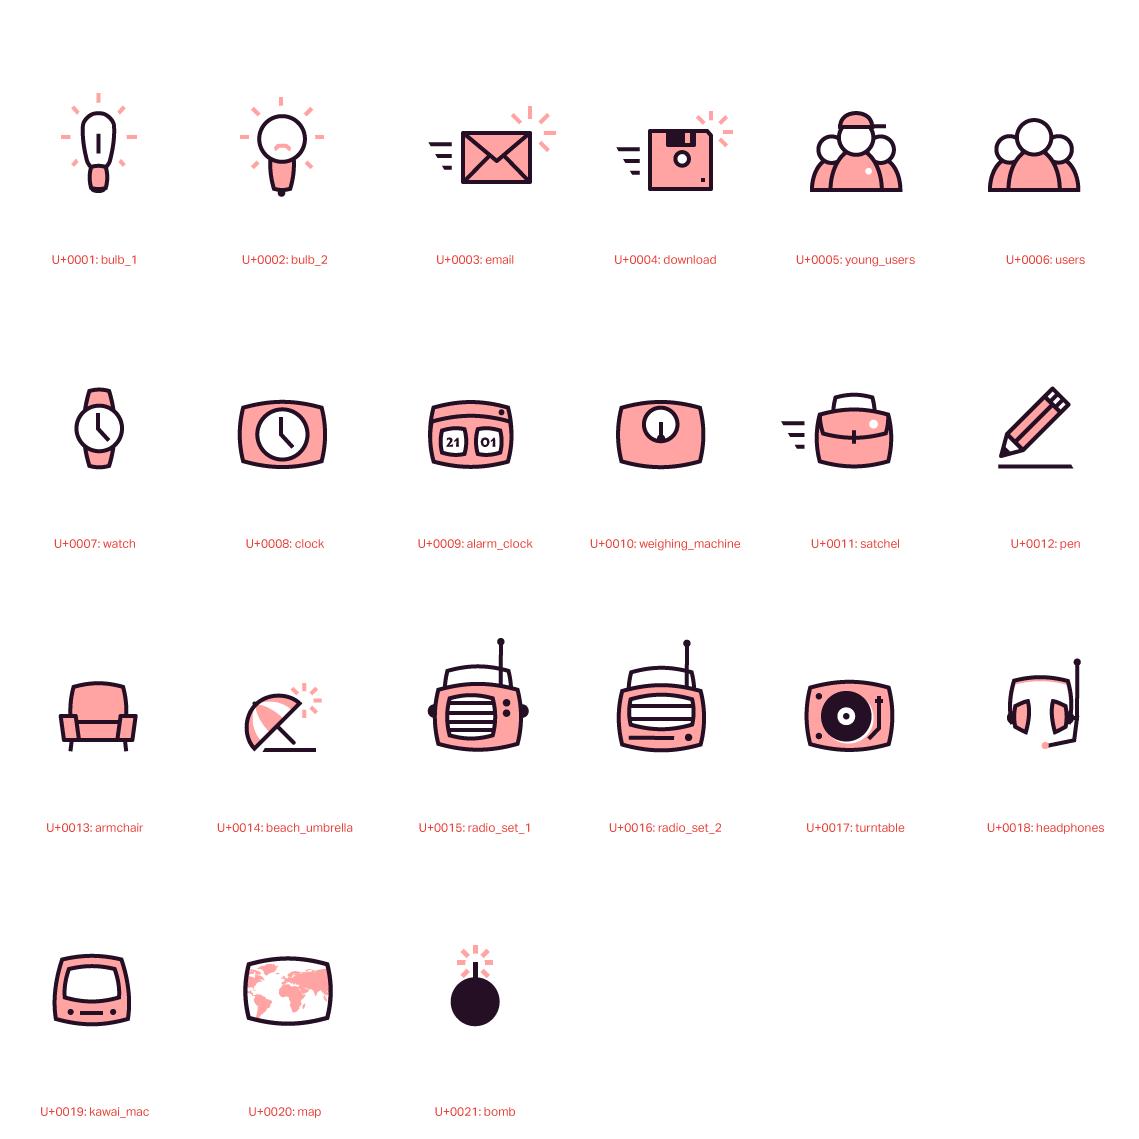 Assemble des icones dessinées spécialement pour le site de Plus Plus Prod